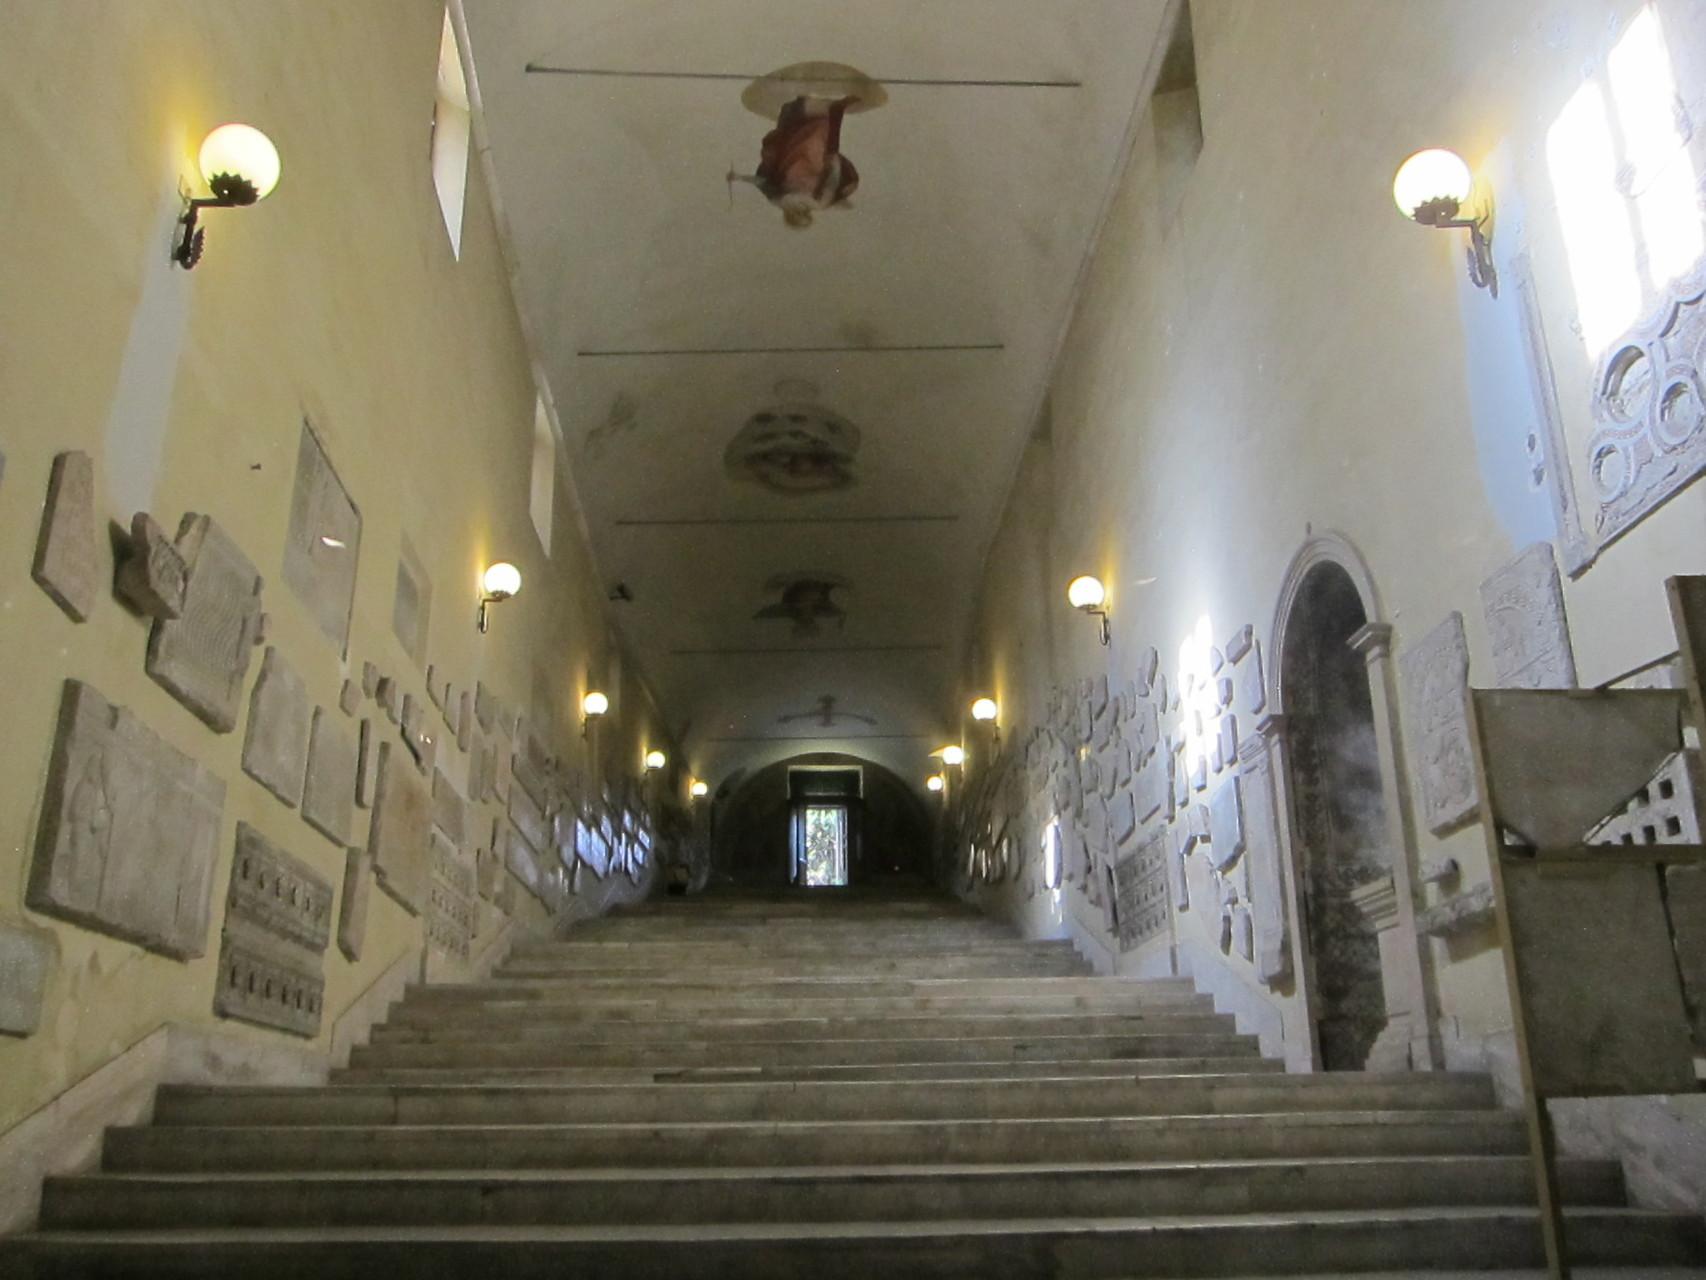 素敵な階段ですね。中は御ミサ中でしたので写真は遠慮しました